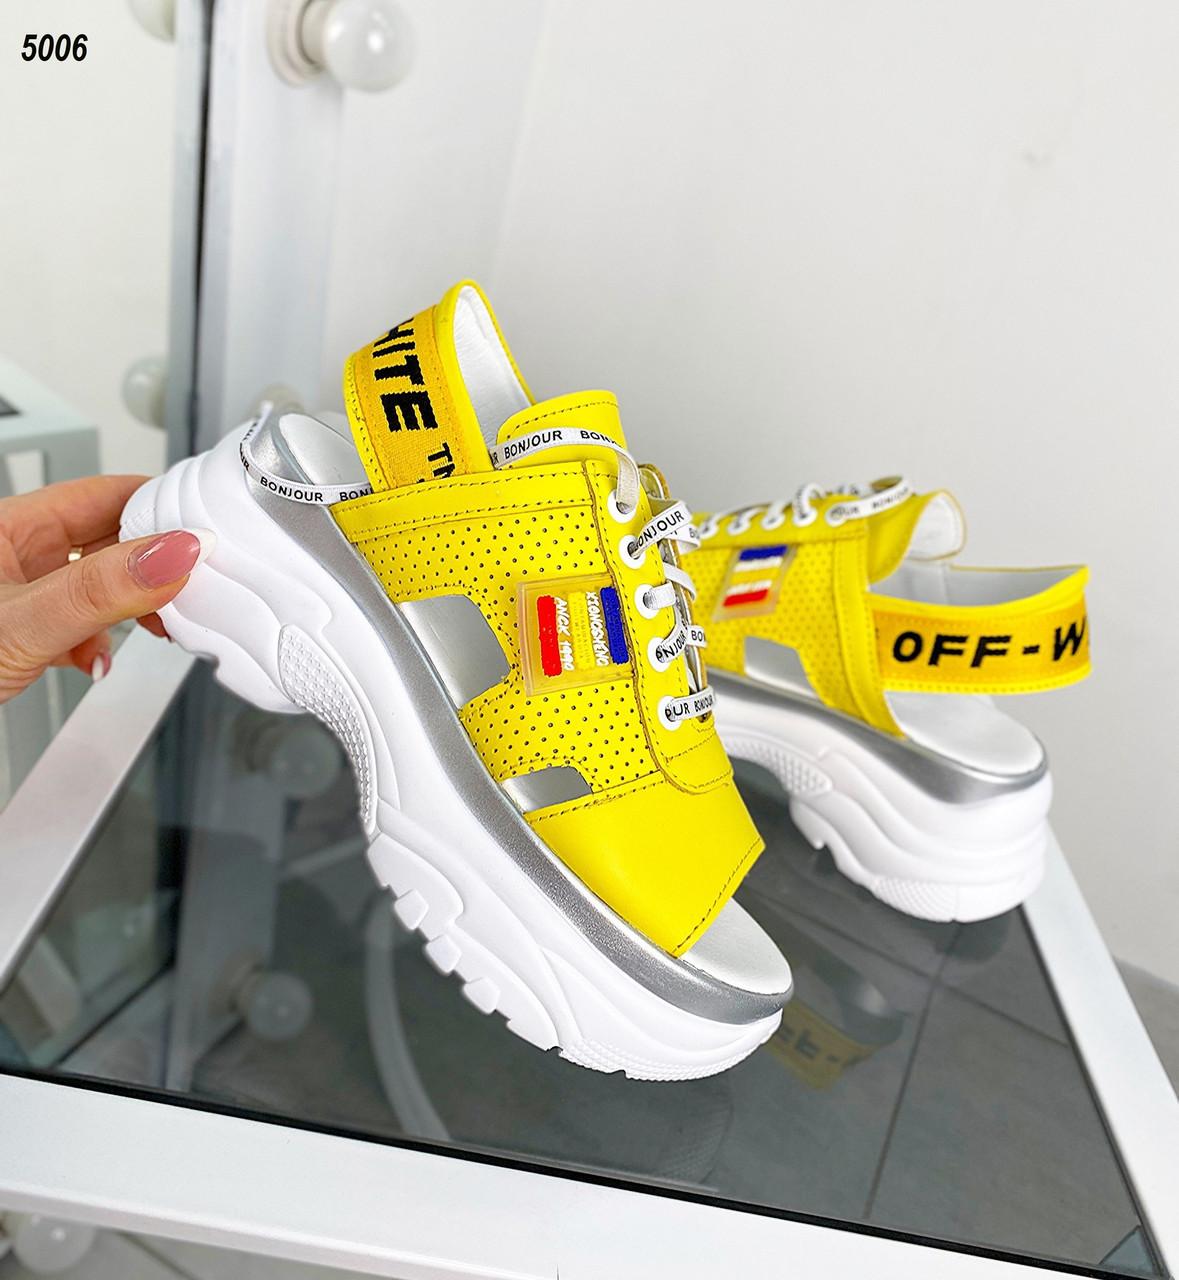 Жіночі шкіряні кросівки літні-босоніжки 36-41 р жовтий